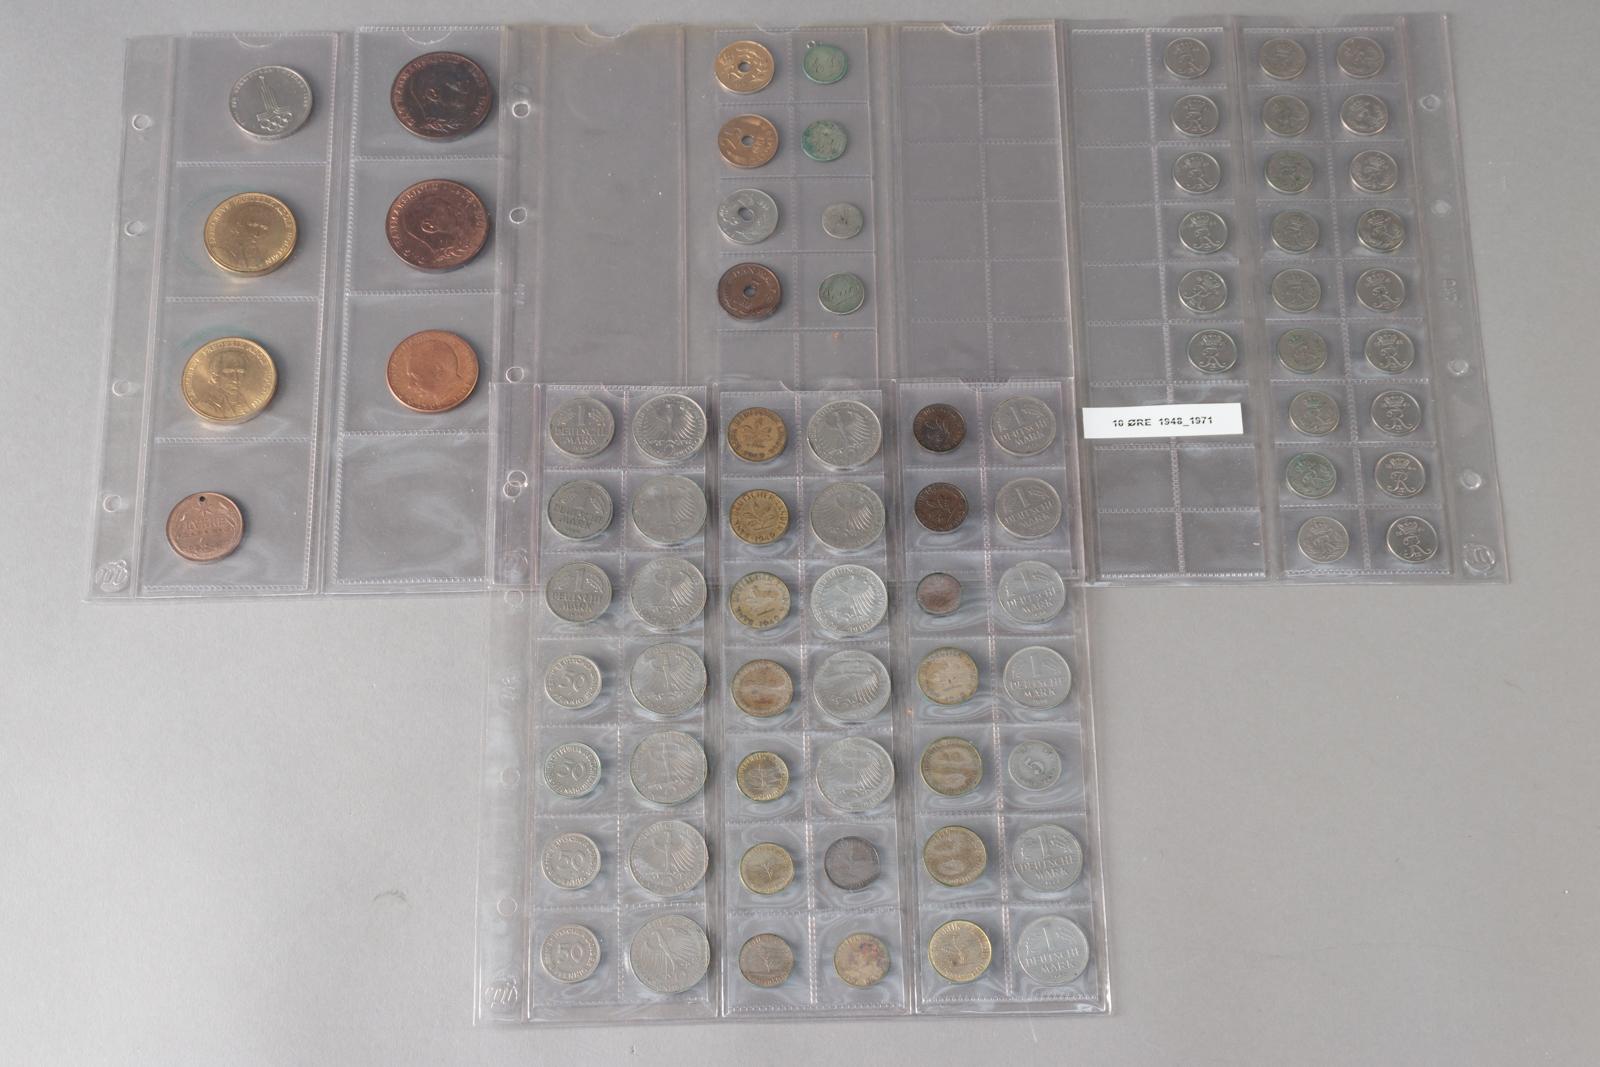 Diverse mønter - Diverse mønter bestående af: Tysk samling med 5 pfennig 1874. 4 fejlslåede danske mønter, 4 kærestemønter, diverse 10-ører inkl 1959